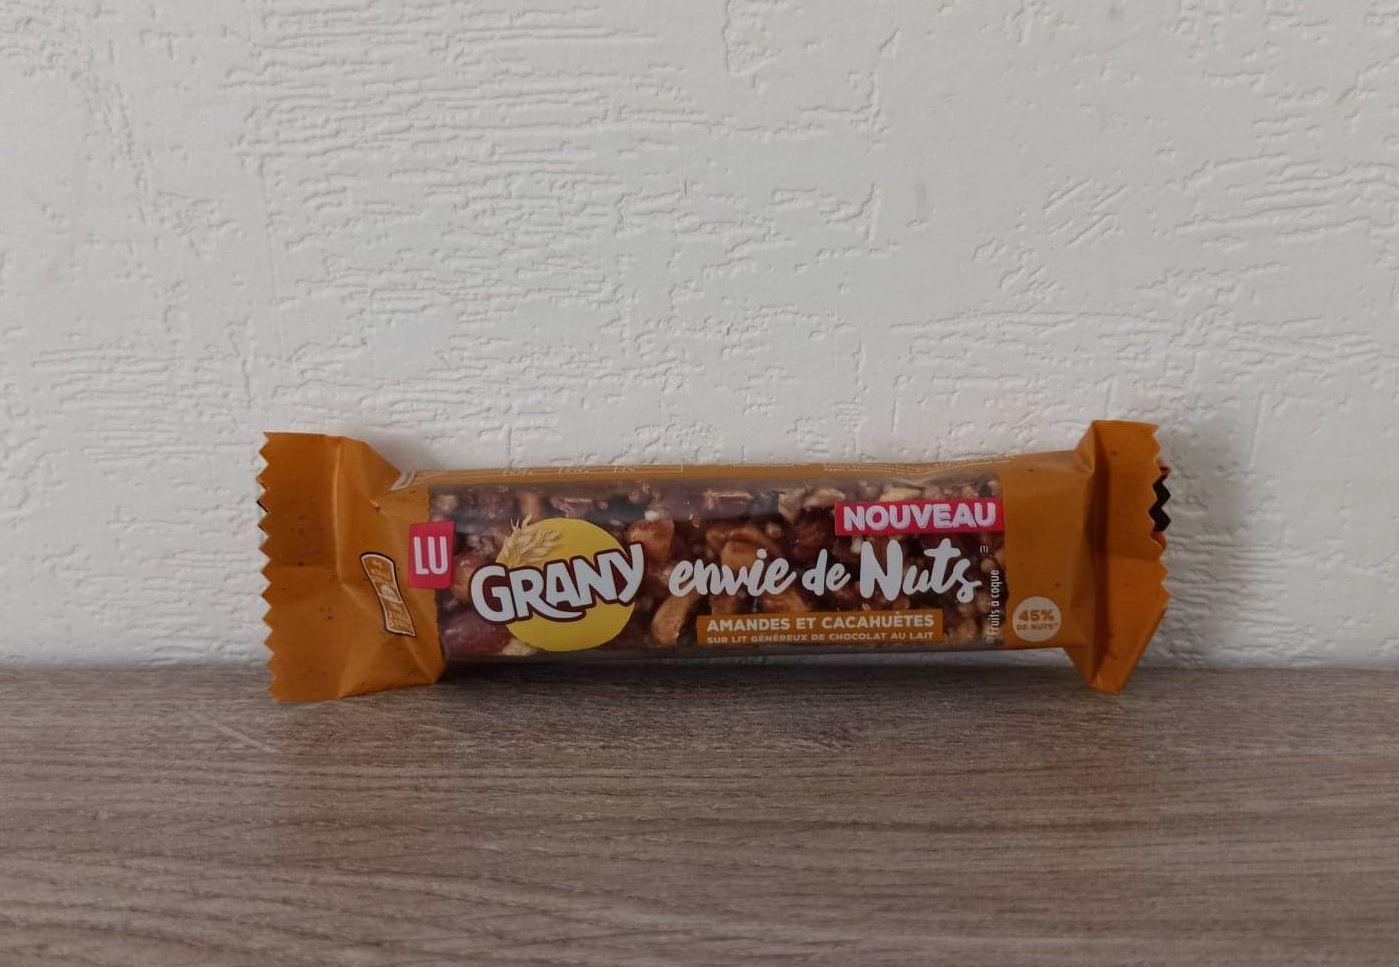 Envie de nuts GRANY